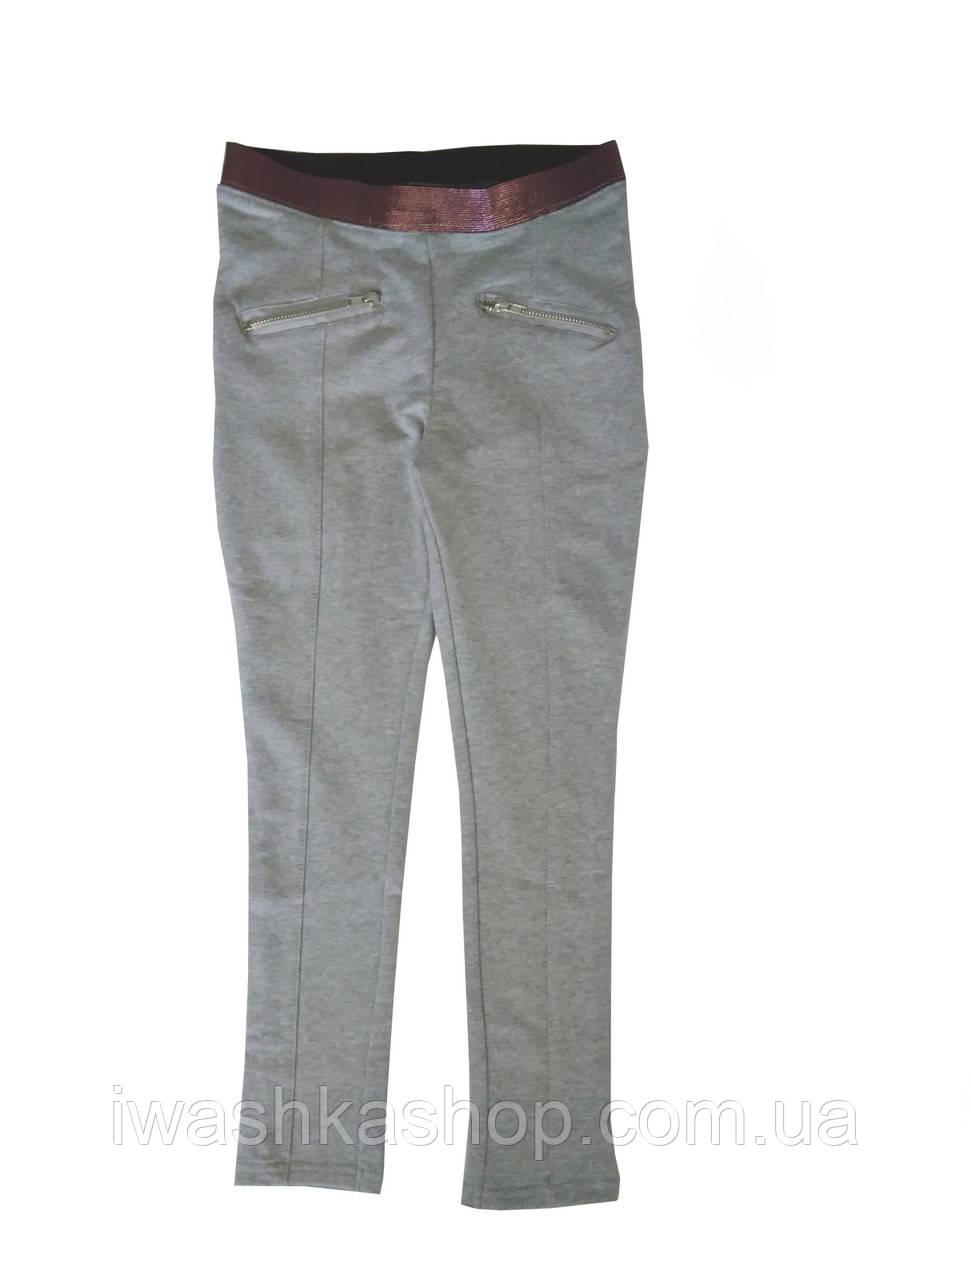 Стильные облегающие брюки на девочку 5 - 6 лет, размер 116, Kiki&Koko